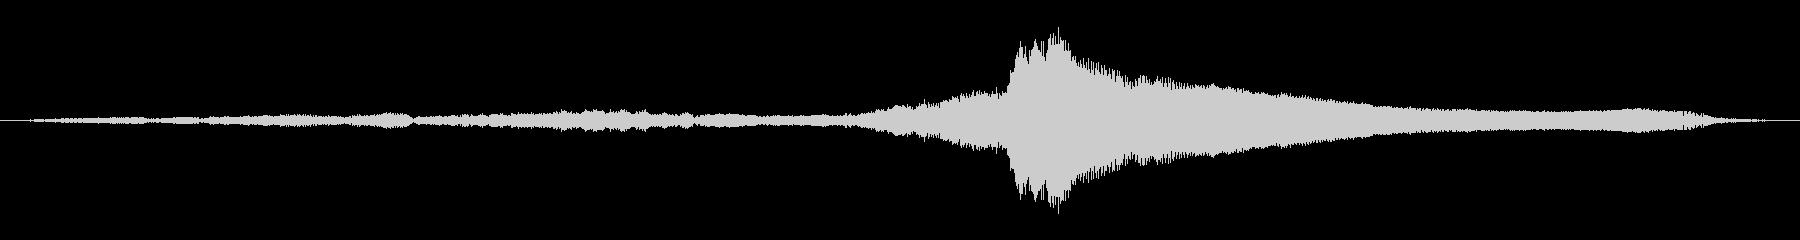 シビック-遠方で長いアプローチ、前...の未再生の波形